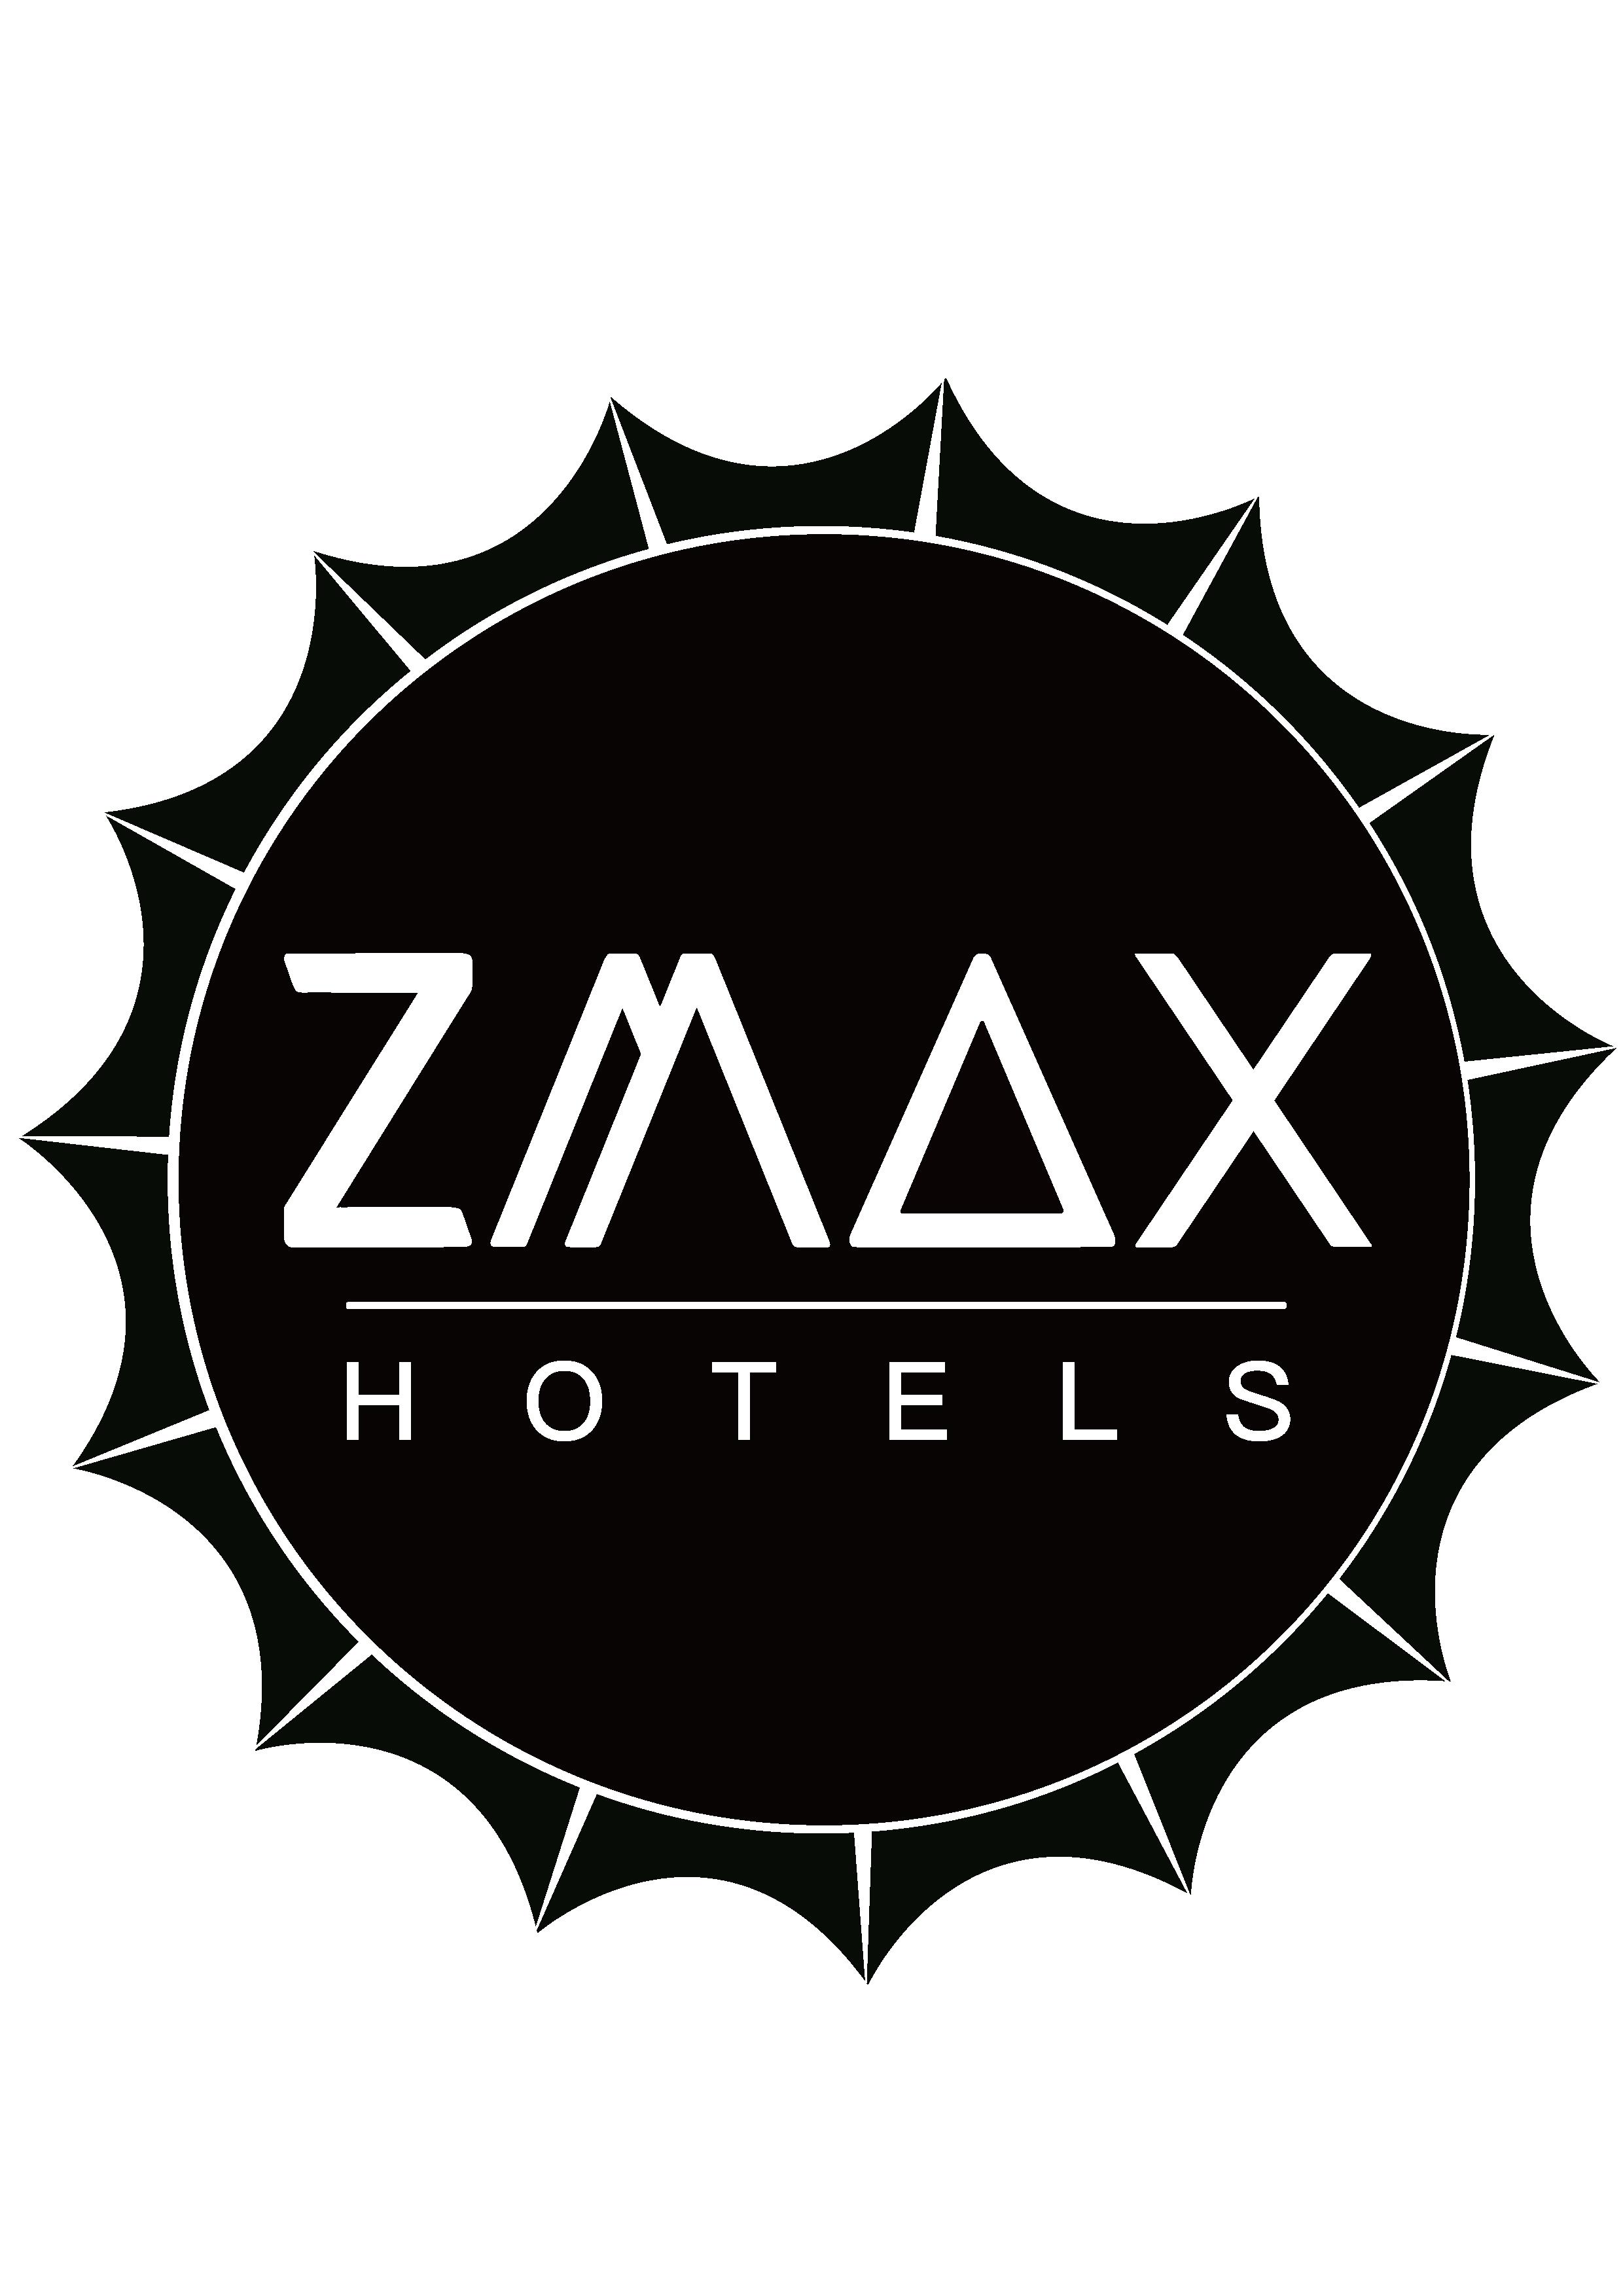 ZmaxHotel